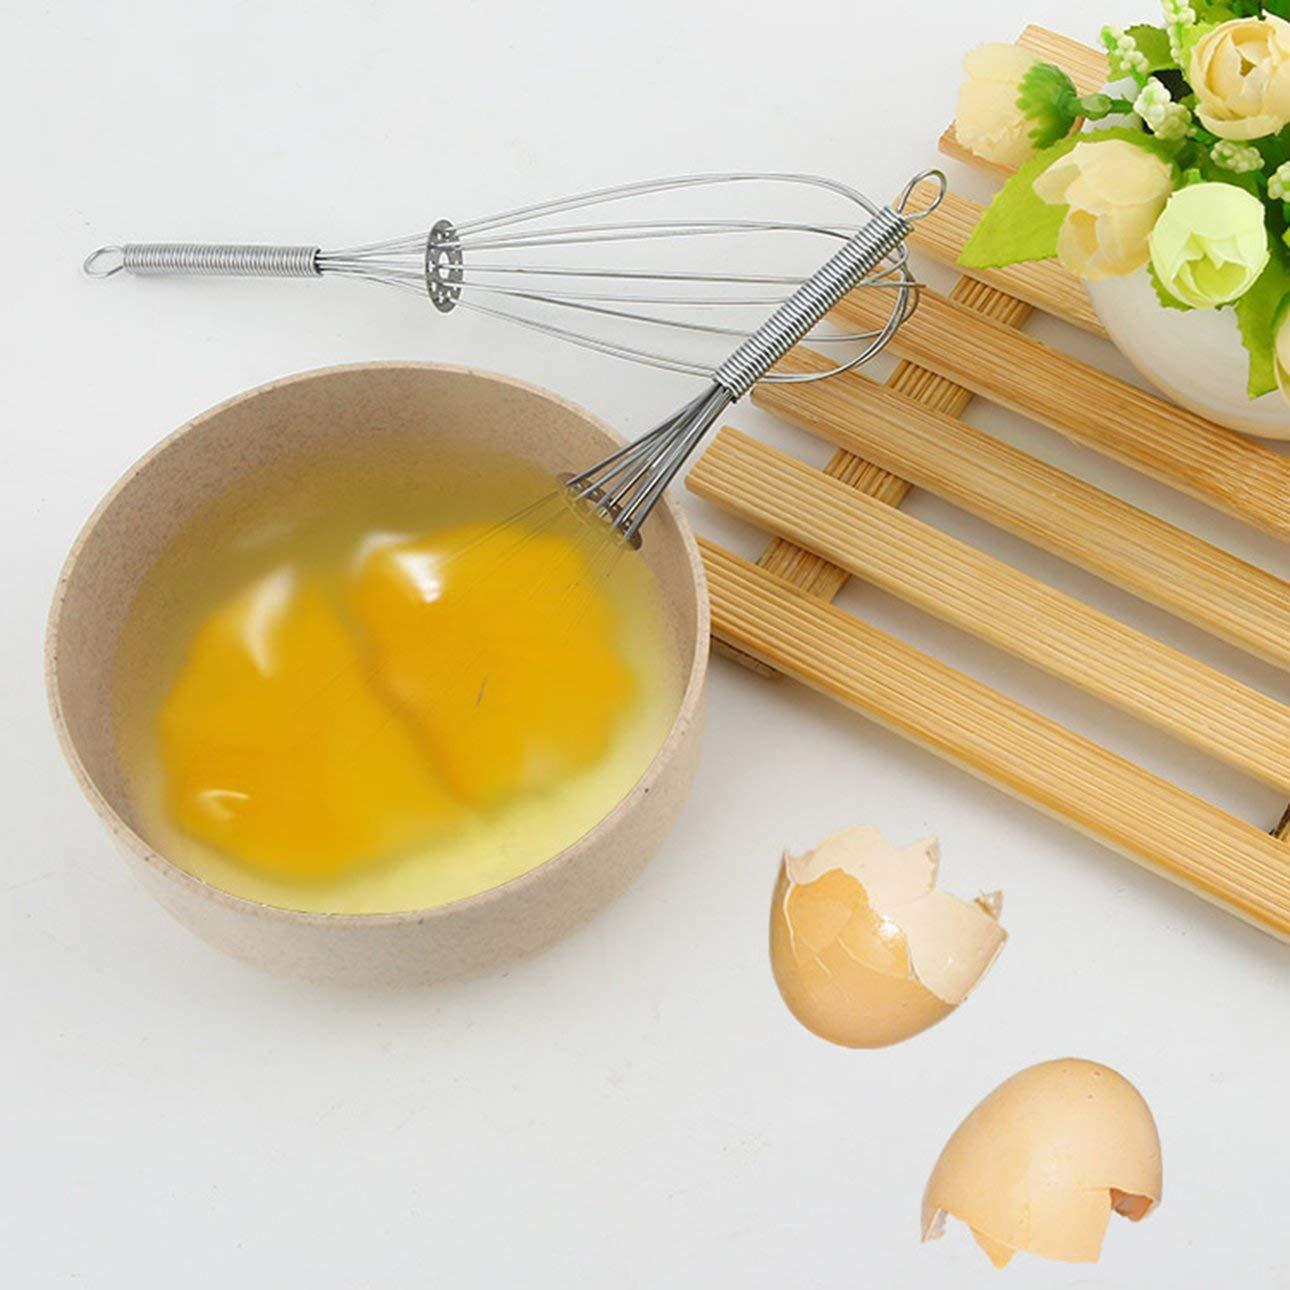 Pudincoco Durable for Use Frullino per Le Uova Manuale Frullino per Le Uova Frullino per frullatore Frullatore per Le Uova